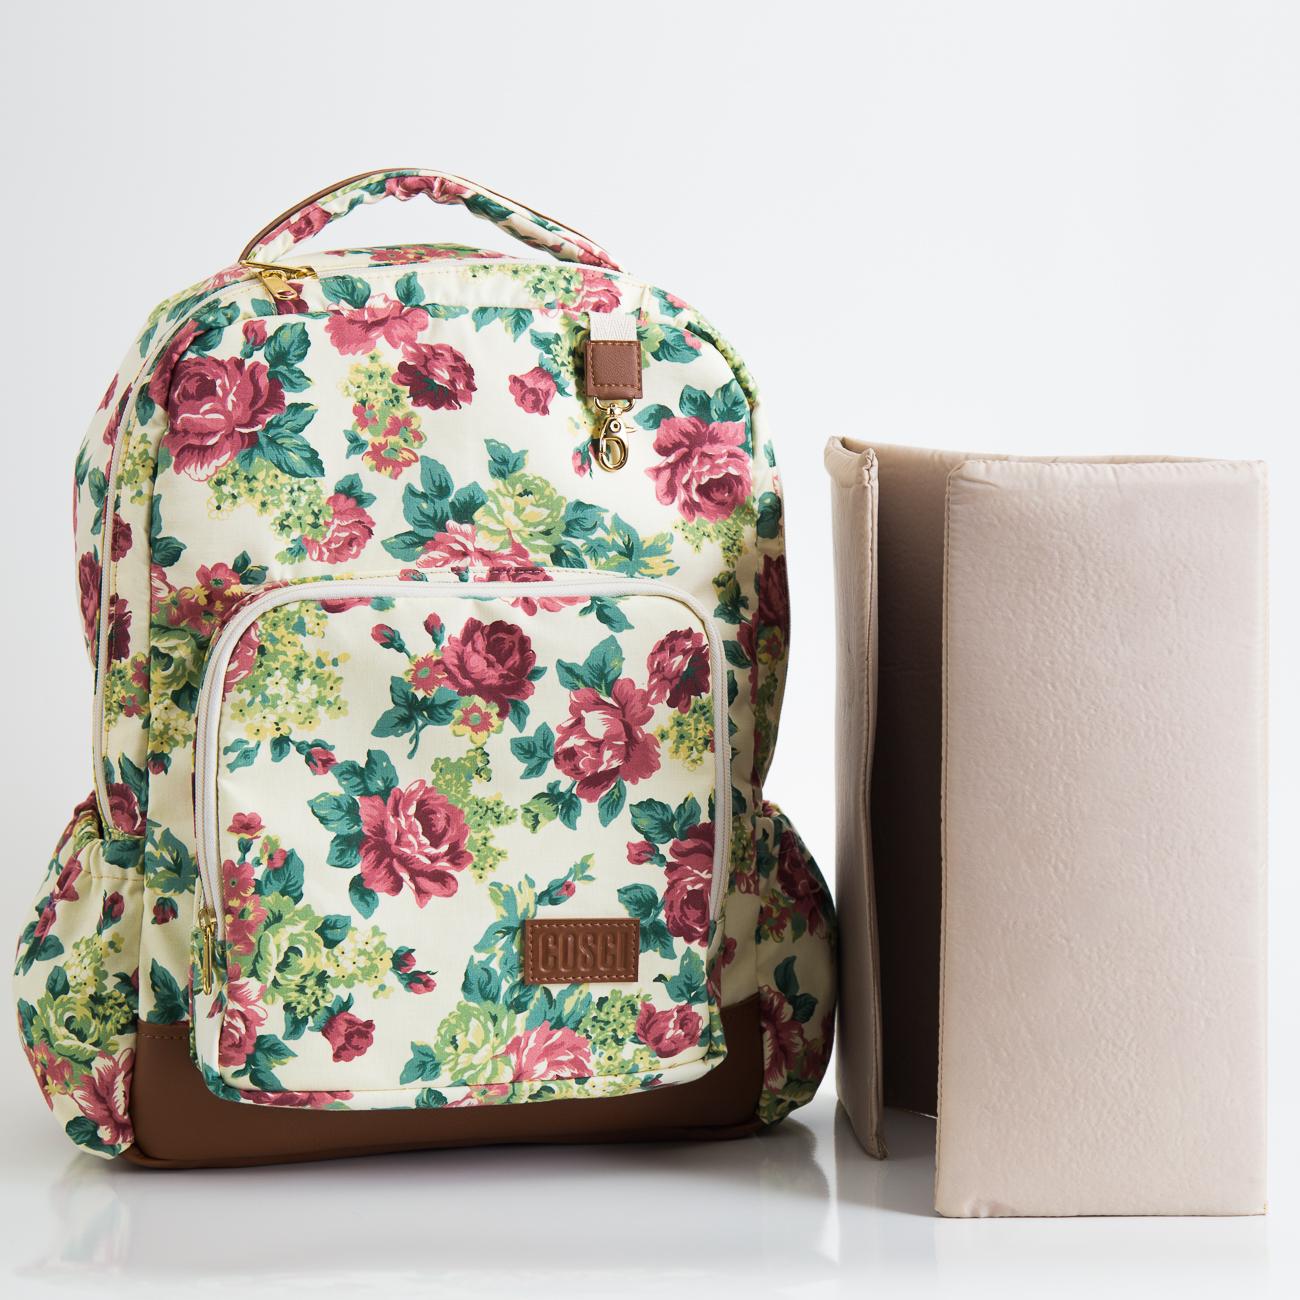 Floral m+úe-8